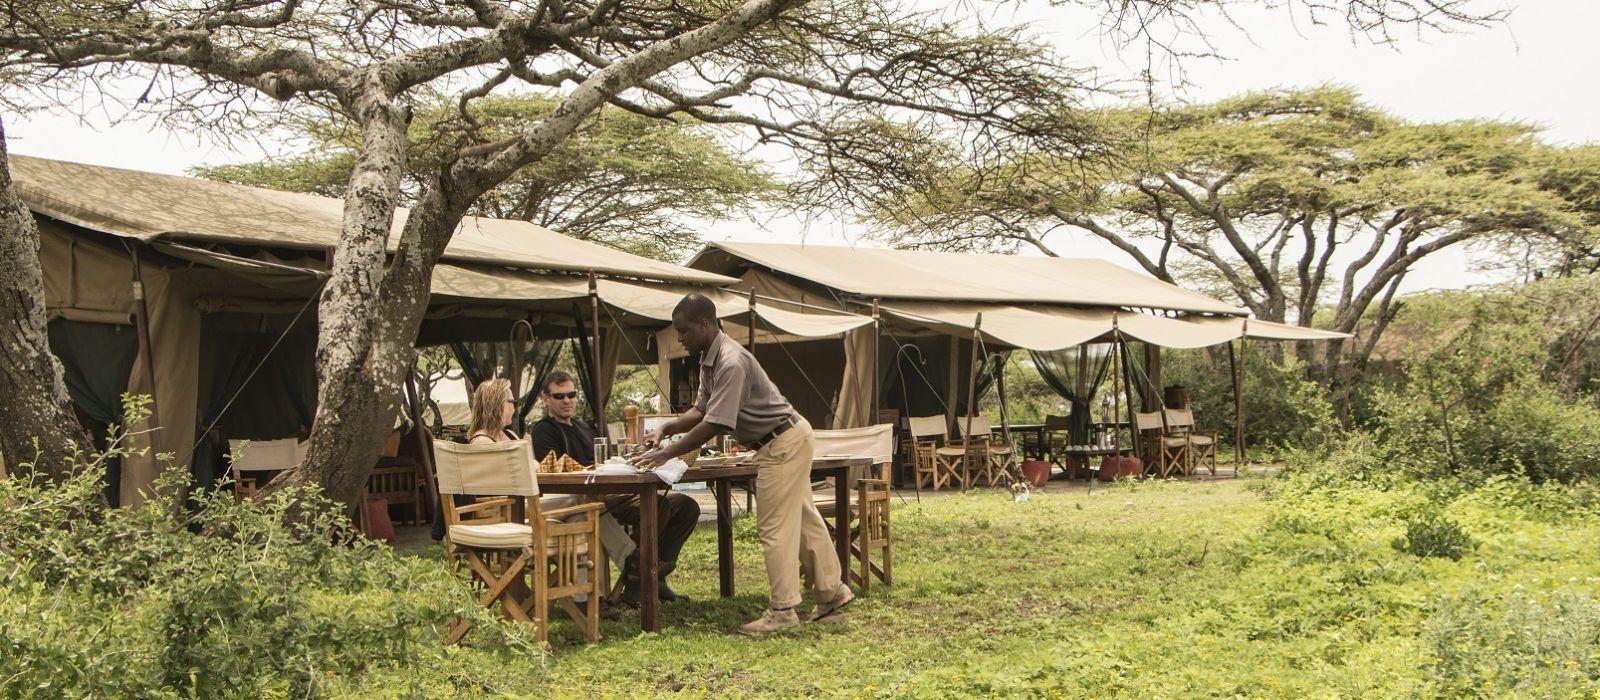 Stilvoll reisen in Tansania & Sansibar Urlaub 5